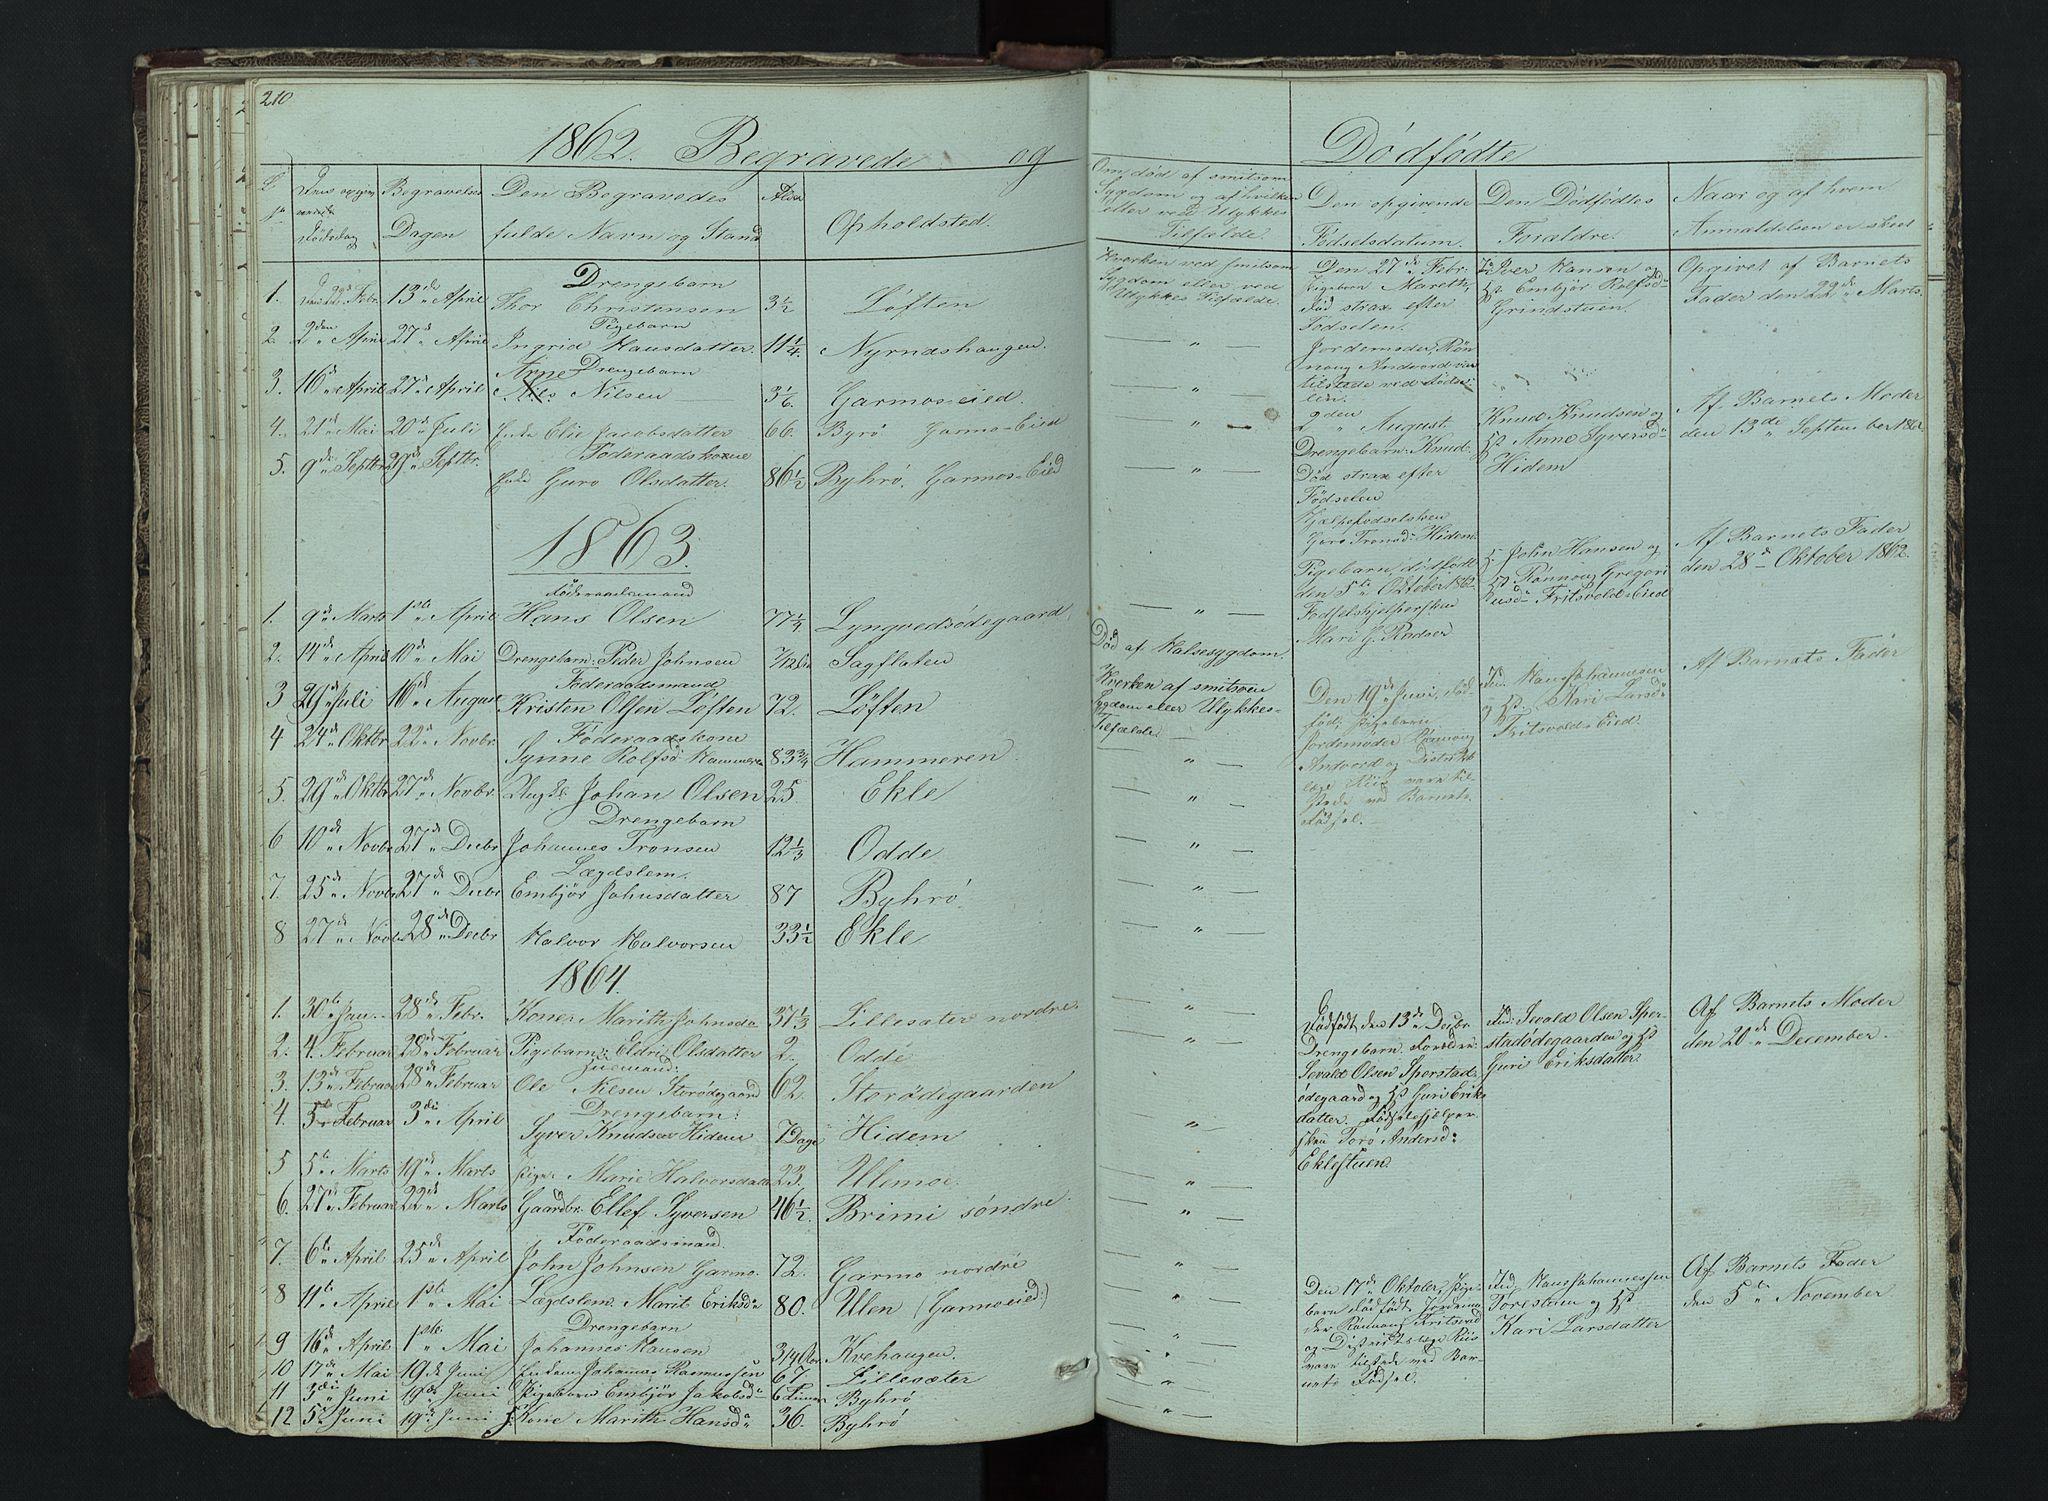 SAH, Lom prestekontor, L/L0014: Klokkerbok nr. 14, 1845-1876, s. 210-211